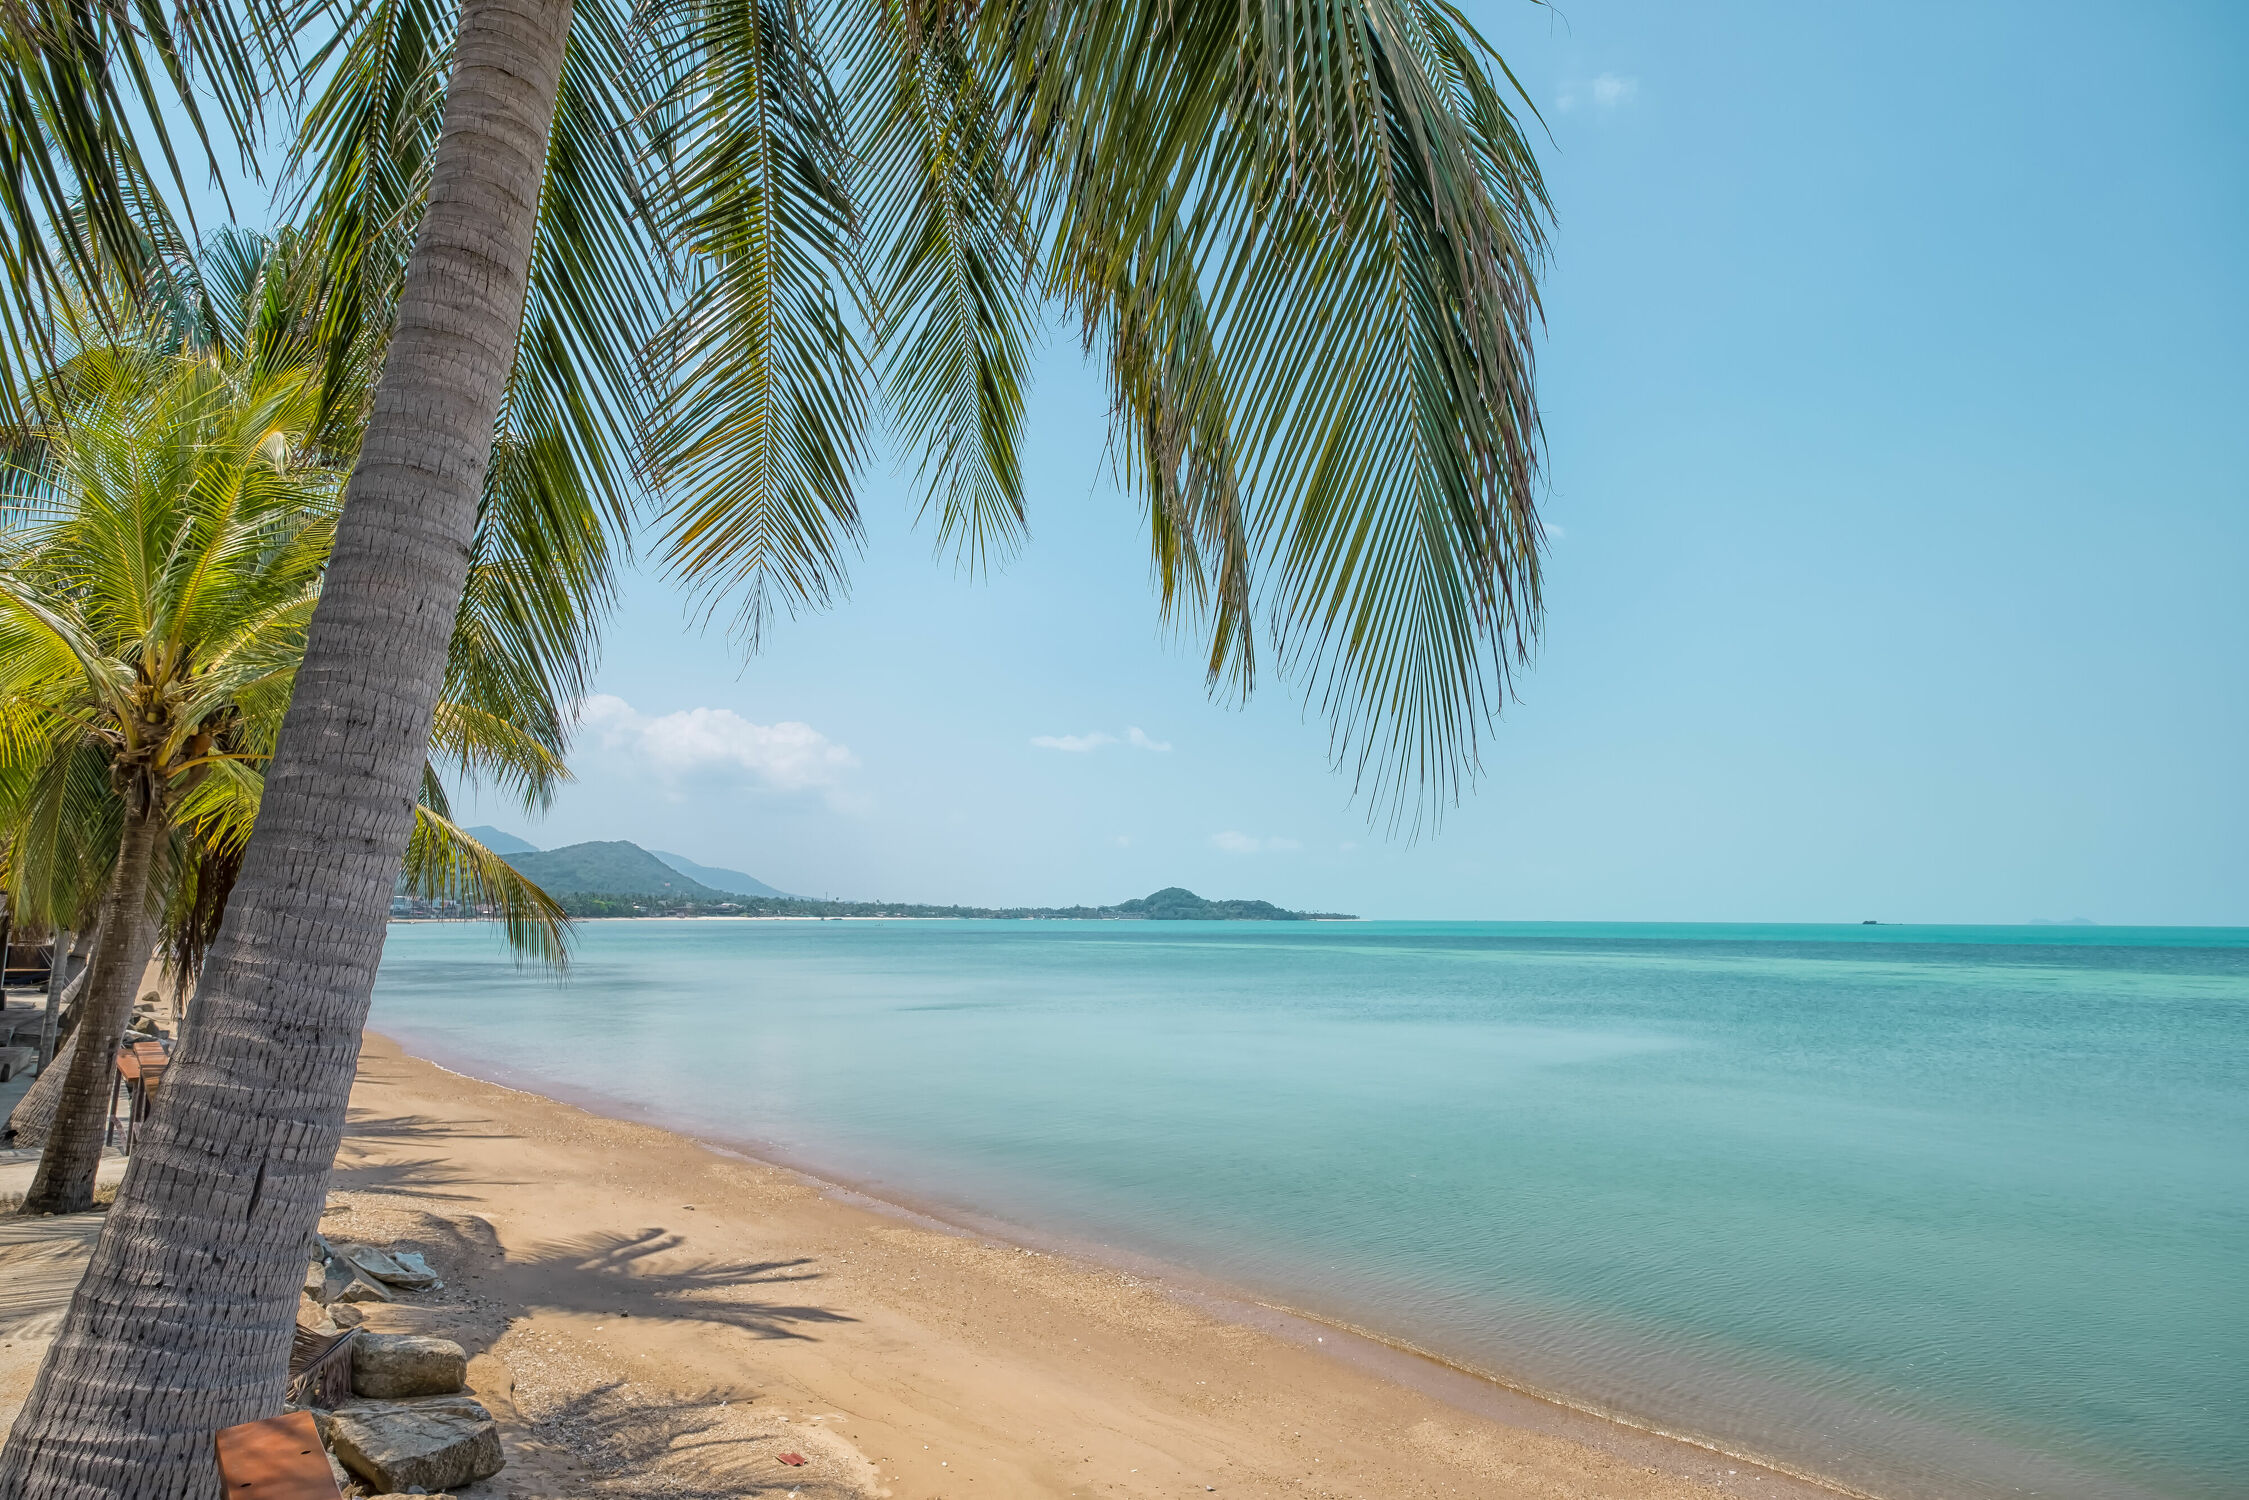 Bild mit Strände, Palmen, Inseln, Meerblick, südostasien, Thailand, Koh Samui